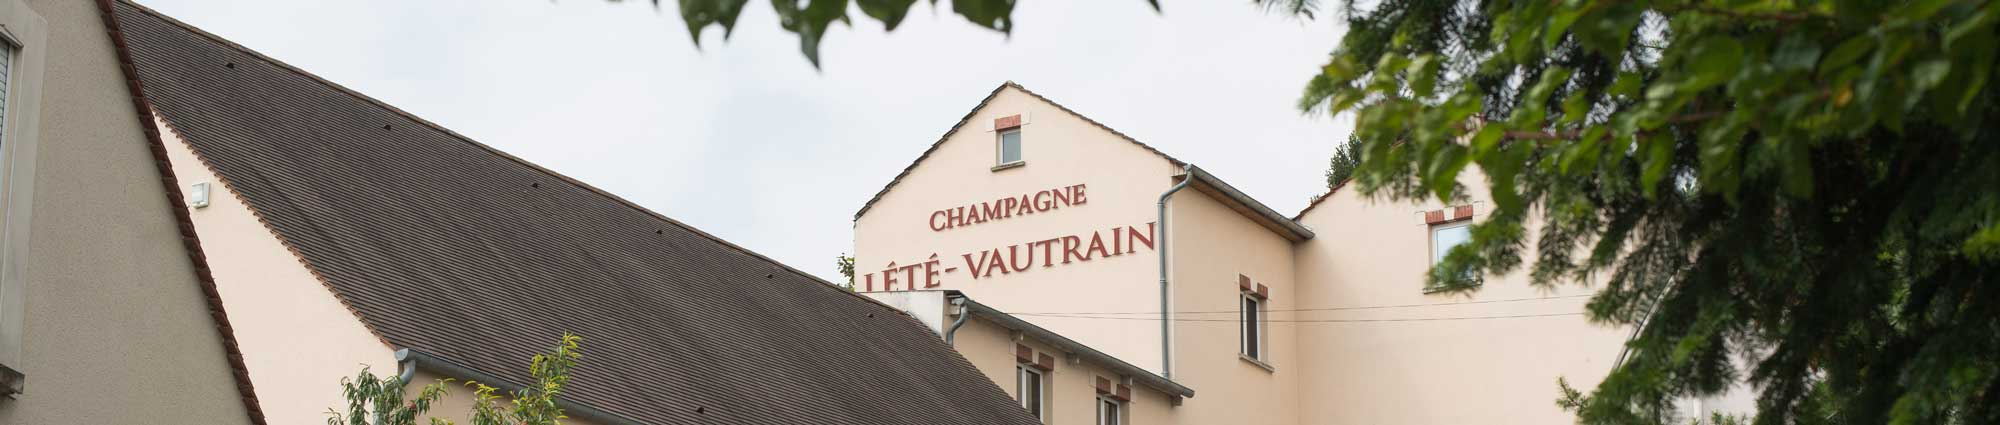 Maison historique du Champagne Lété-Vautrain à Château-Thierry.